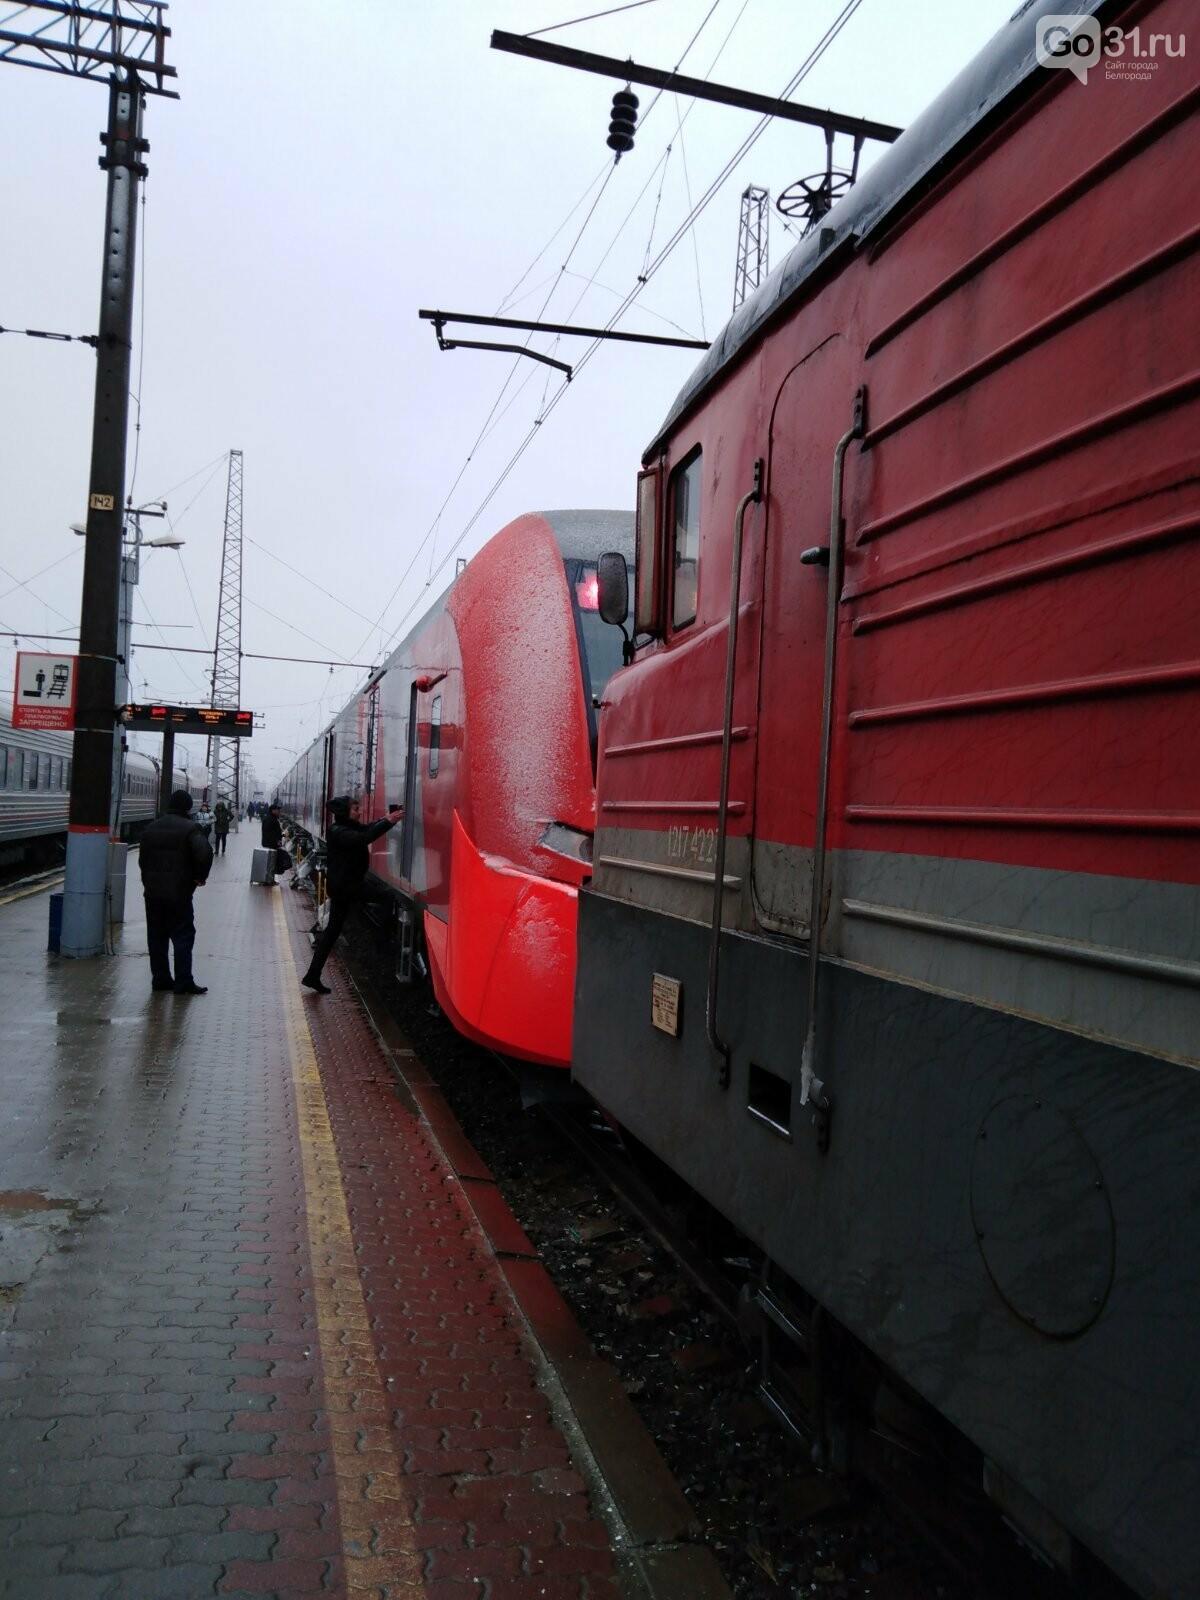 Поломавшуюся «Ласточку» тянут к Белгороду экстренно вызванным локомотивом, фото-5